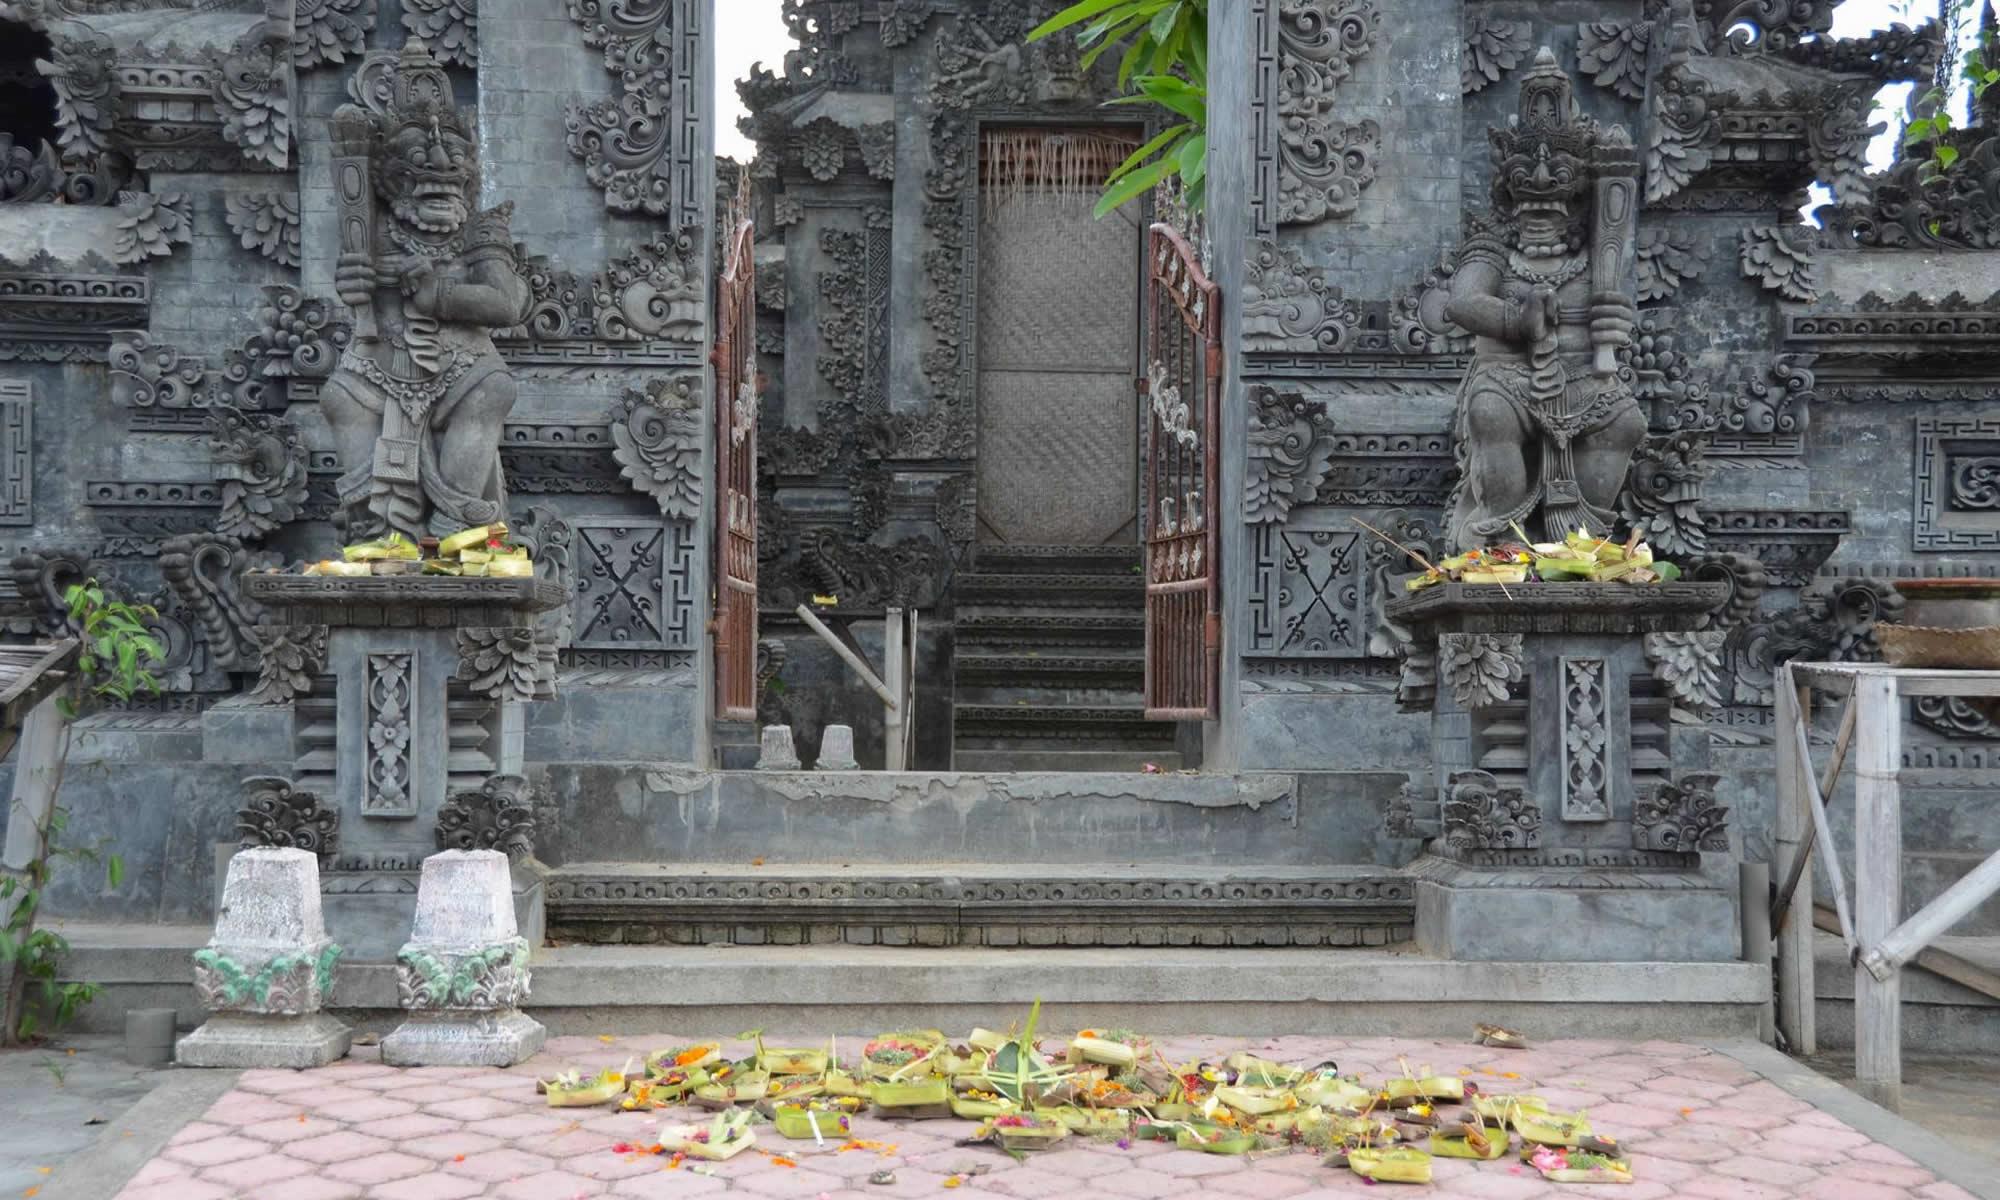 jimbaran-bali-temple-goer-indonesia